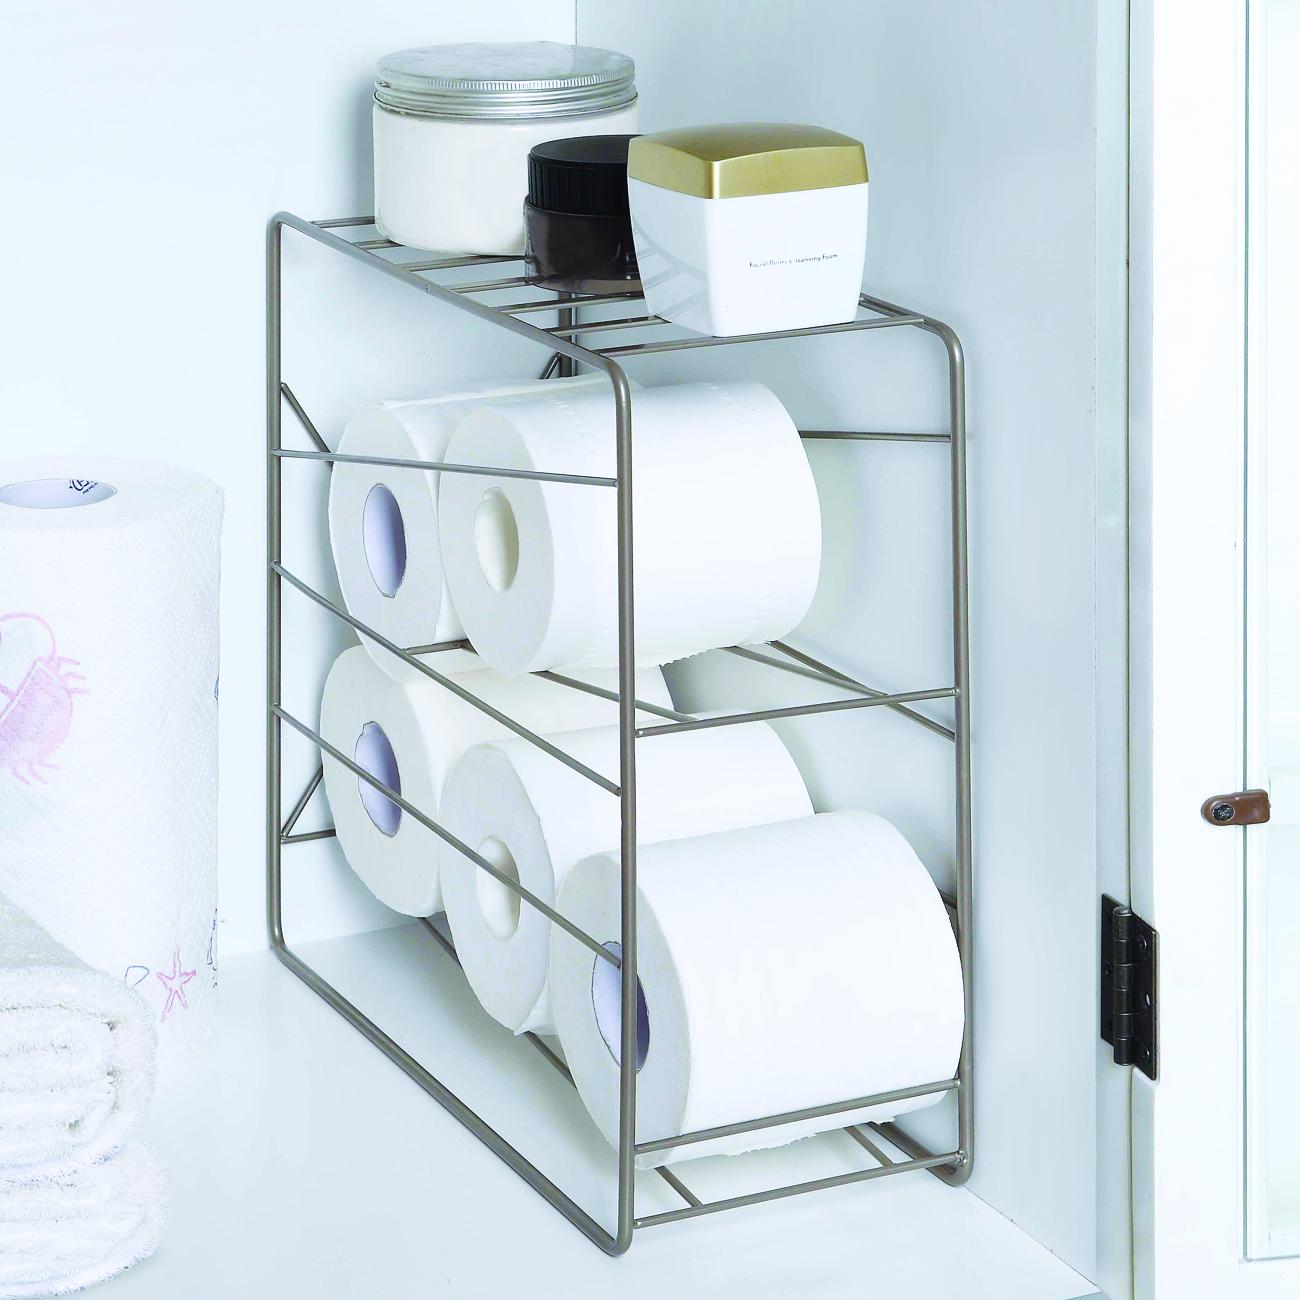 Rolling Toilet Tissue Dispenser.jpg